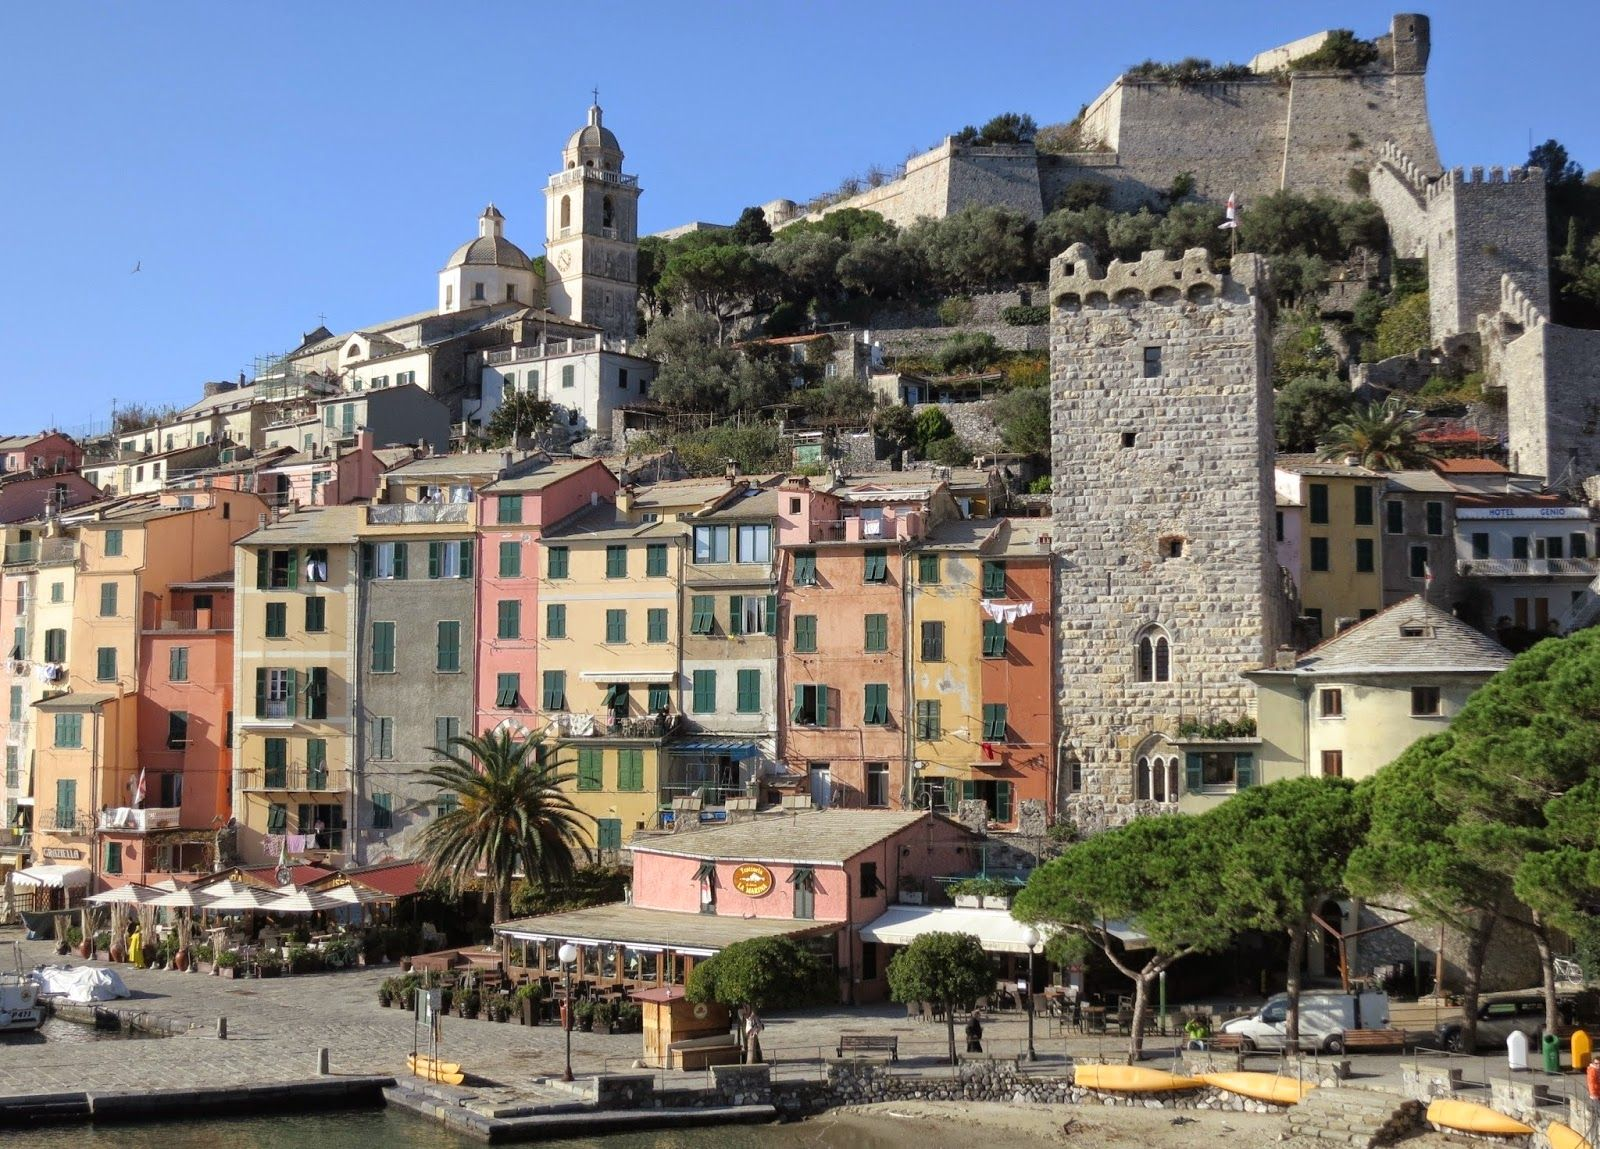 The Palazzata, San Lorenzo Church, Castle Doria, Capitolare Tower. Portovenere, Liguria